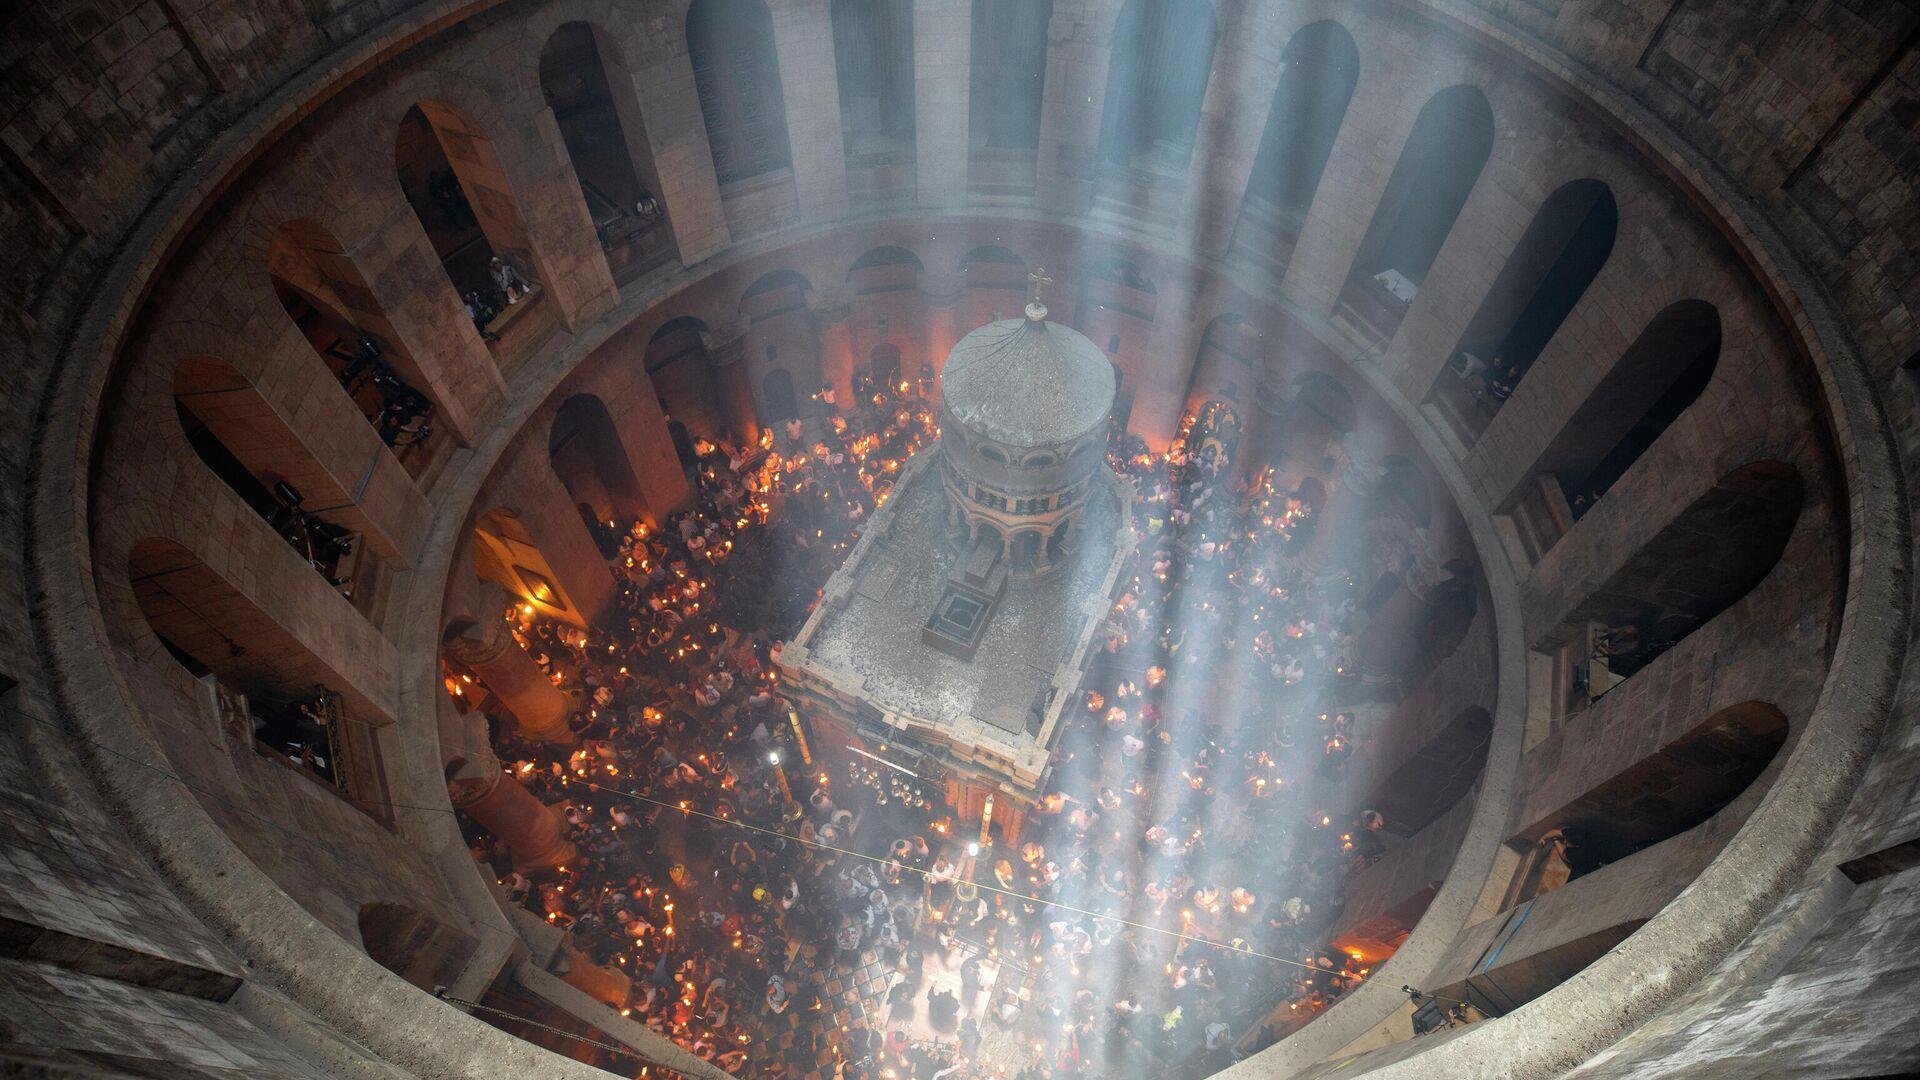 Церемония схождения Благодатного огня в Храме Гроба Господня в Иерусалиме. 1 мая 2021 - РИА Новости, 1920, 01.05.2021